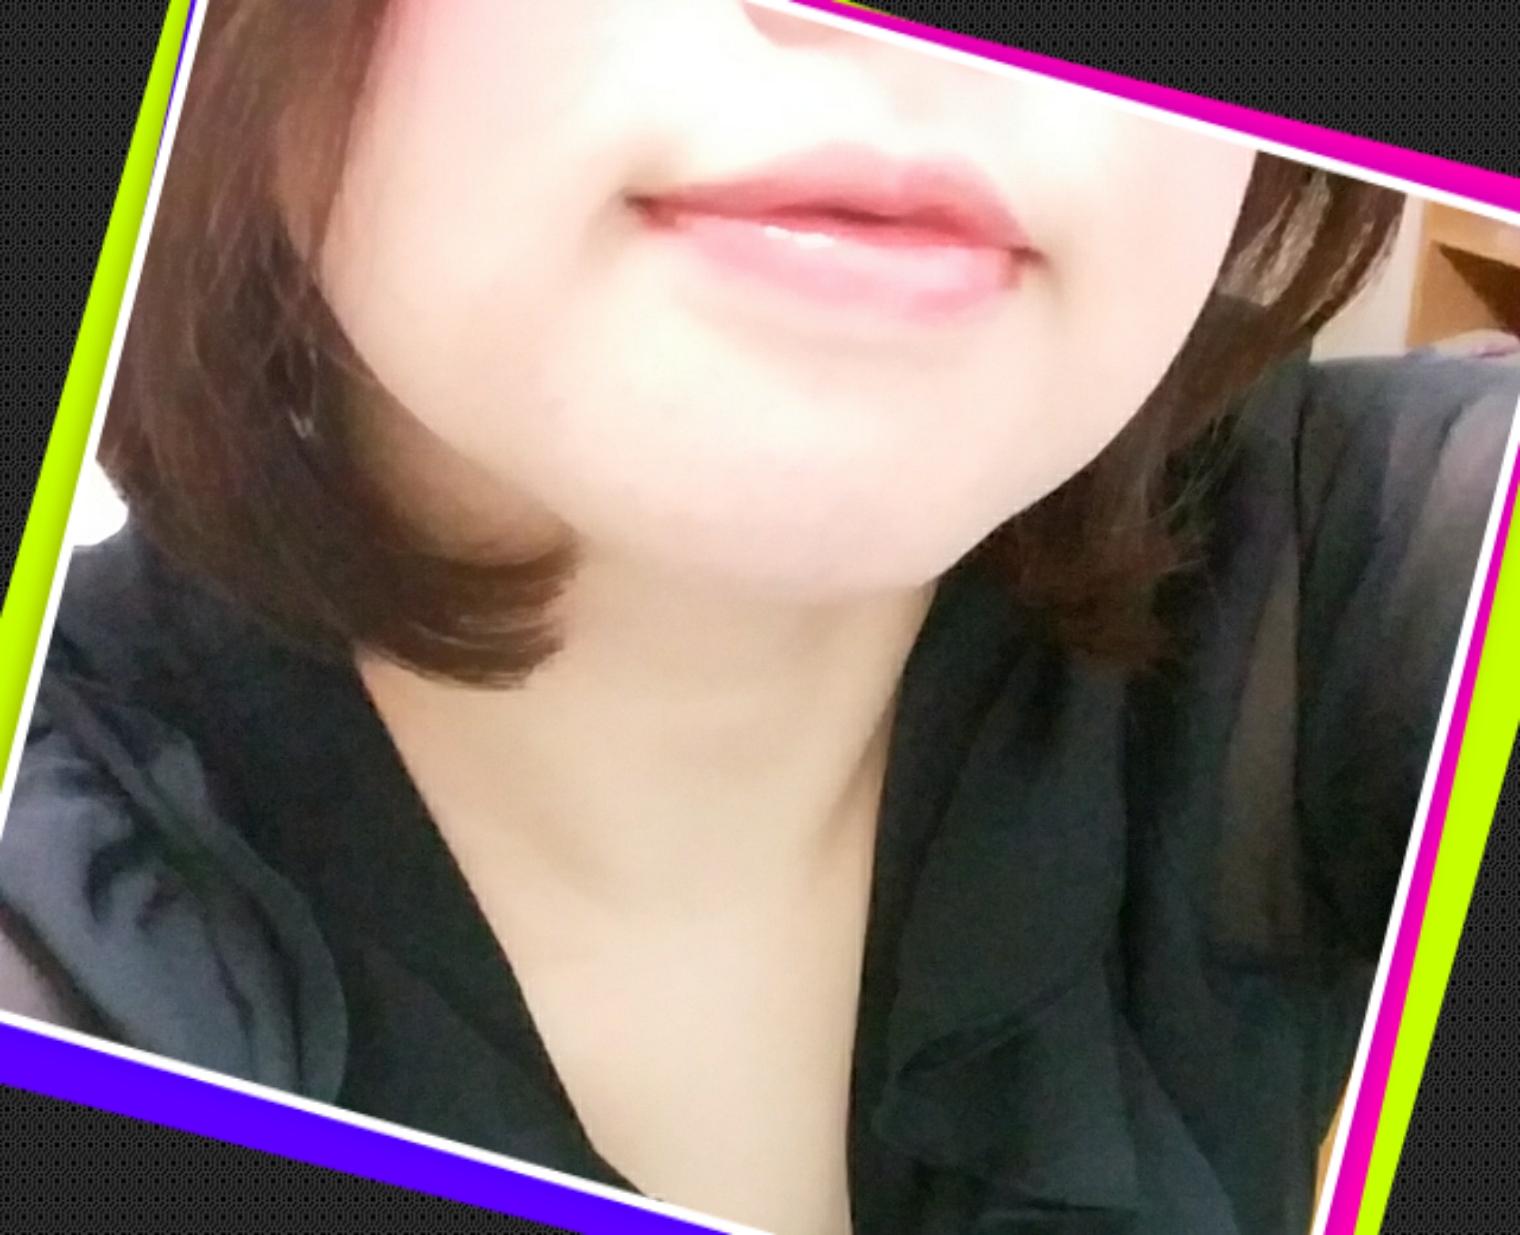 れん 11/20 22:16 ありがとう御座いました(*^_^*)